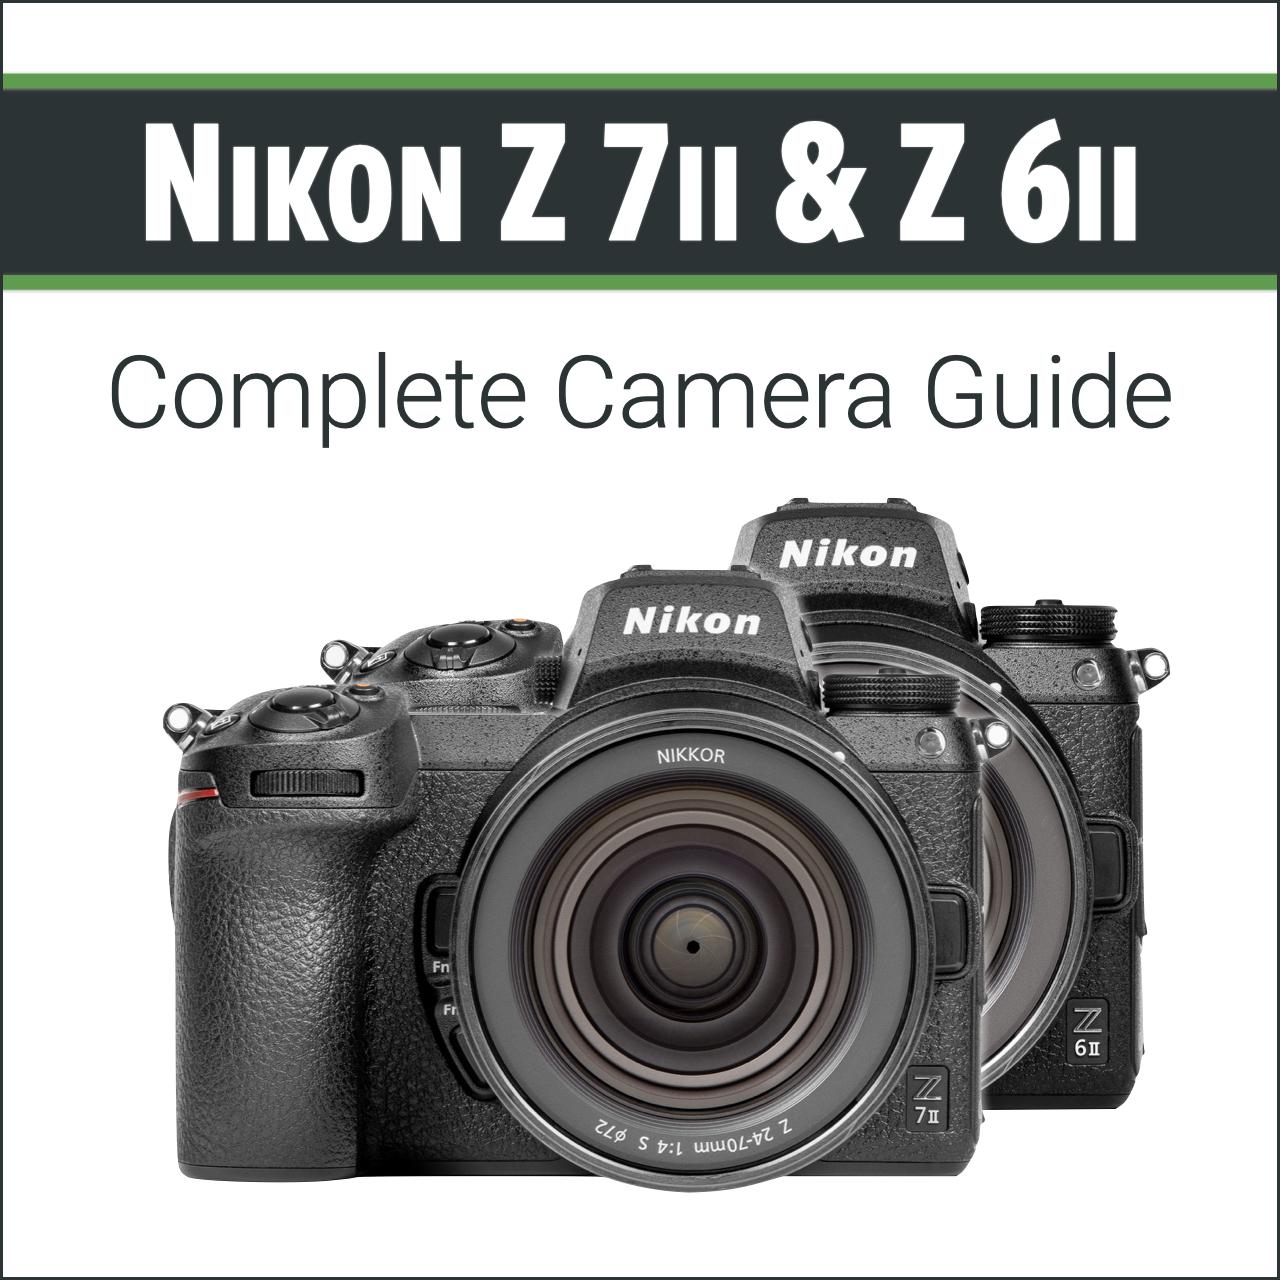 Nikon Z 7ii & Z 6ii: Complete Camera Guide